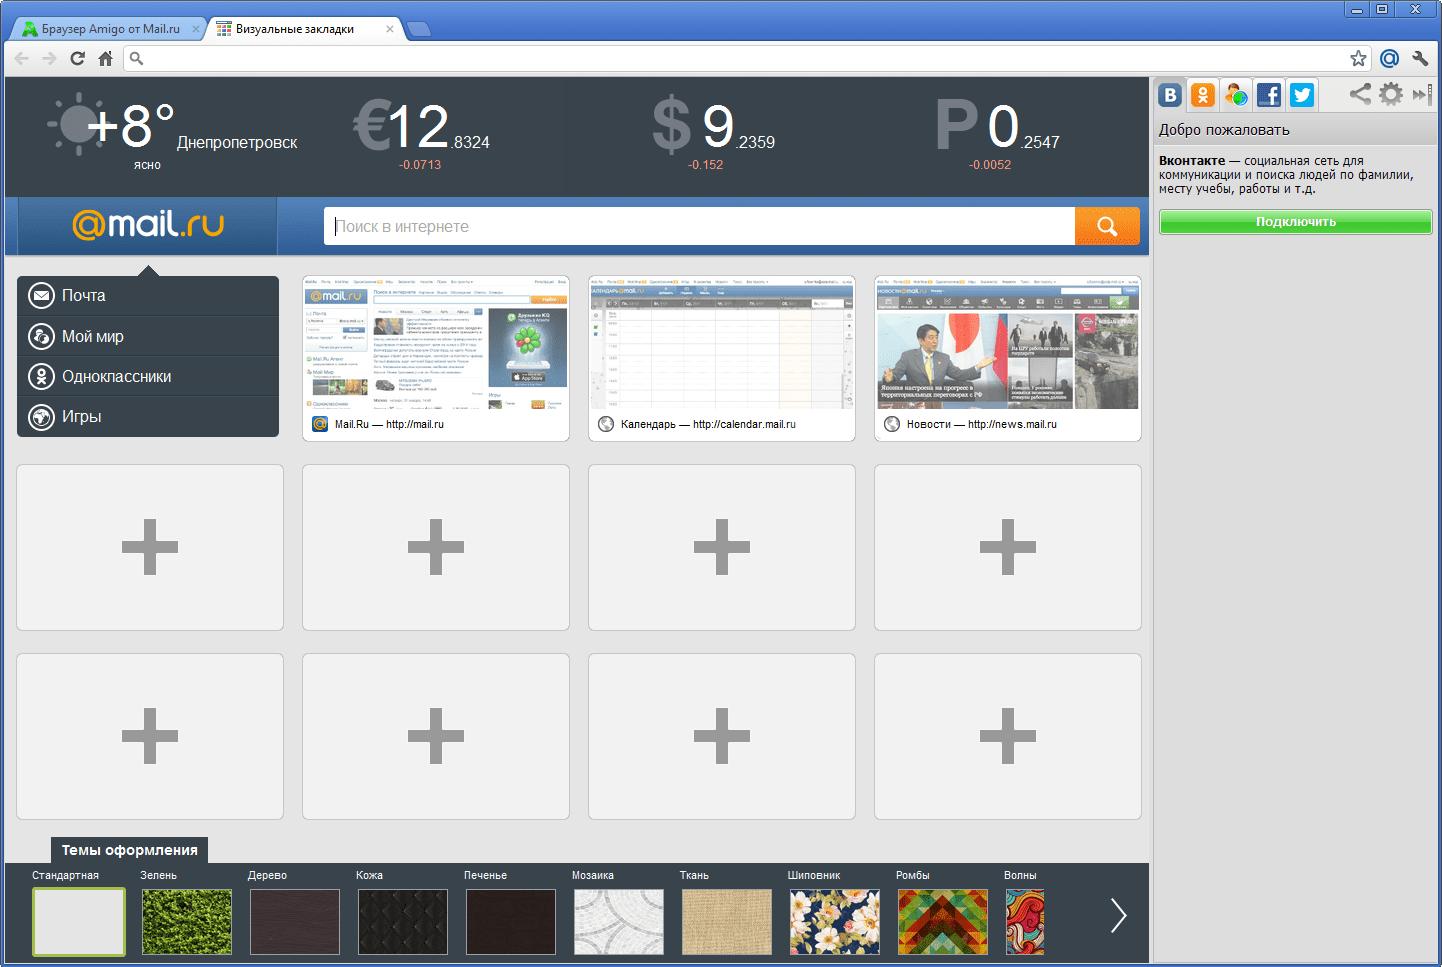 последняя версия браузера амиго